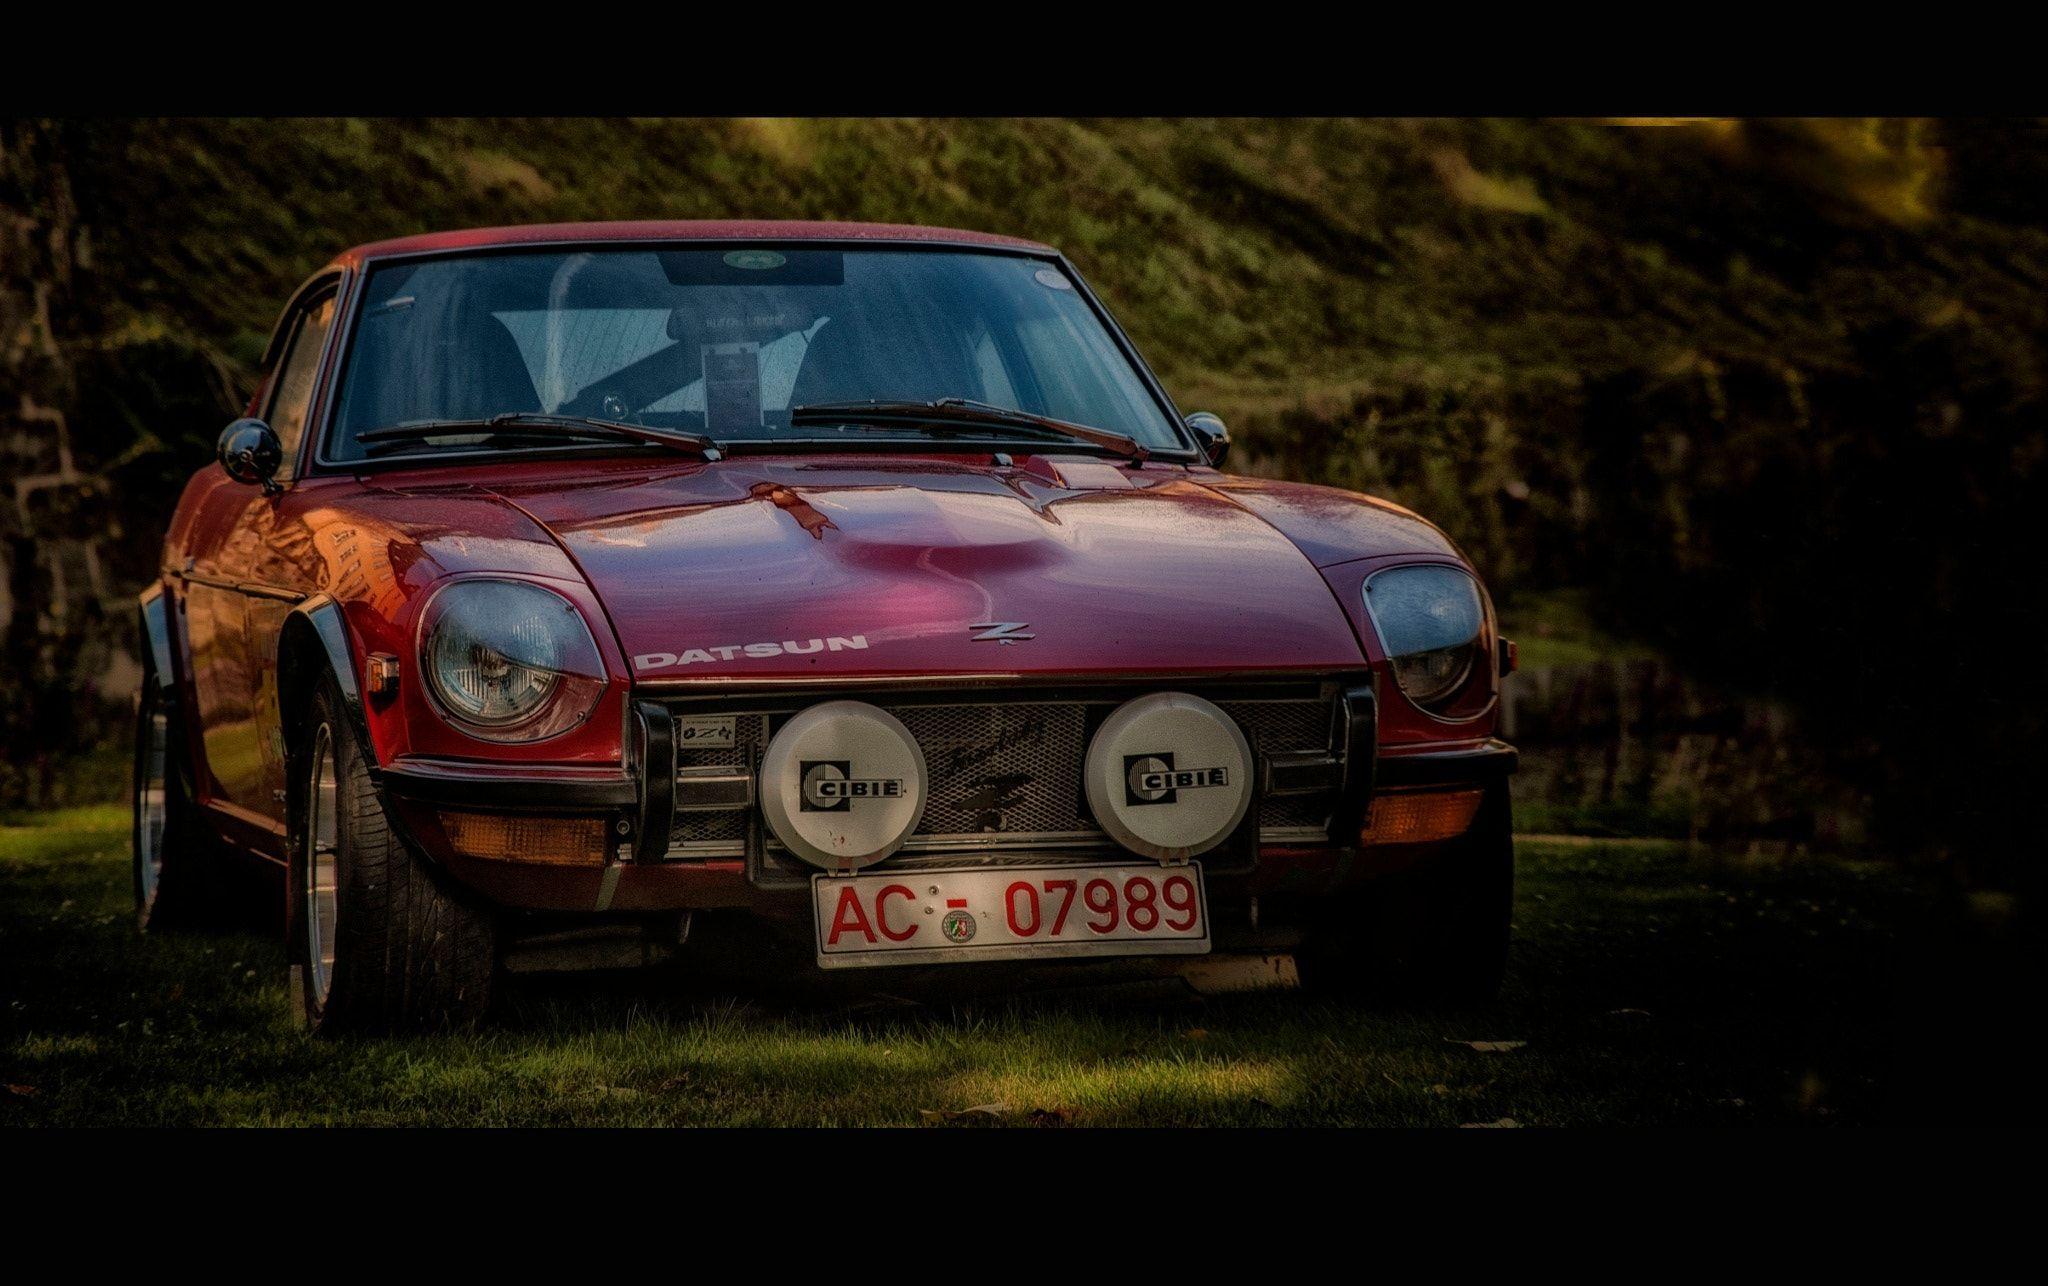 48bb9a313a800e074dc2c987d99f7436 Elegant Ferrari F 108 Al-mondial 8 Cars Trend